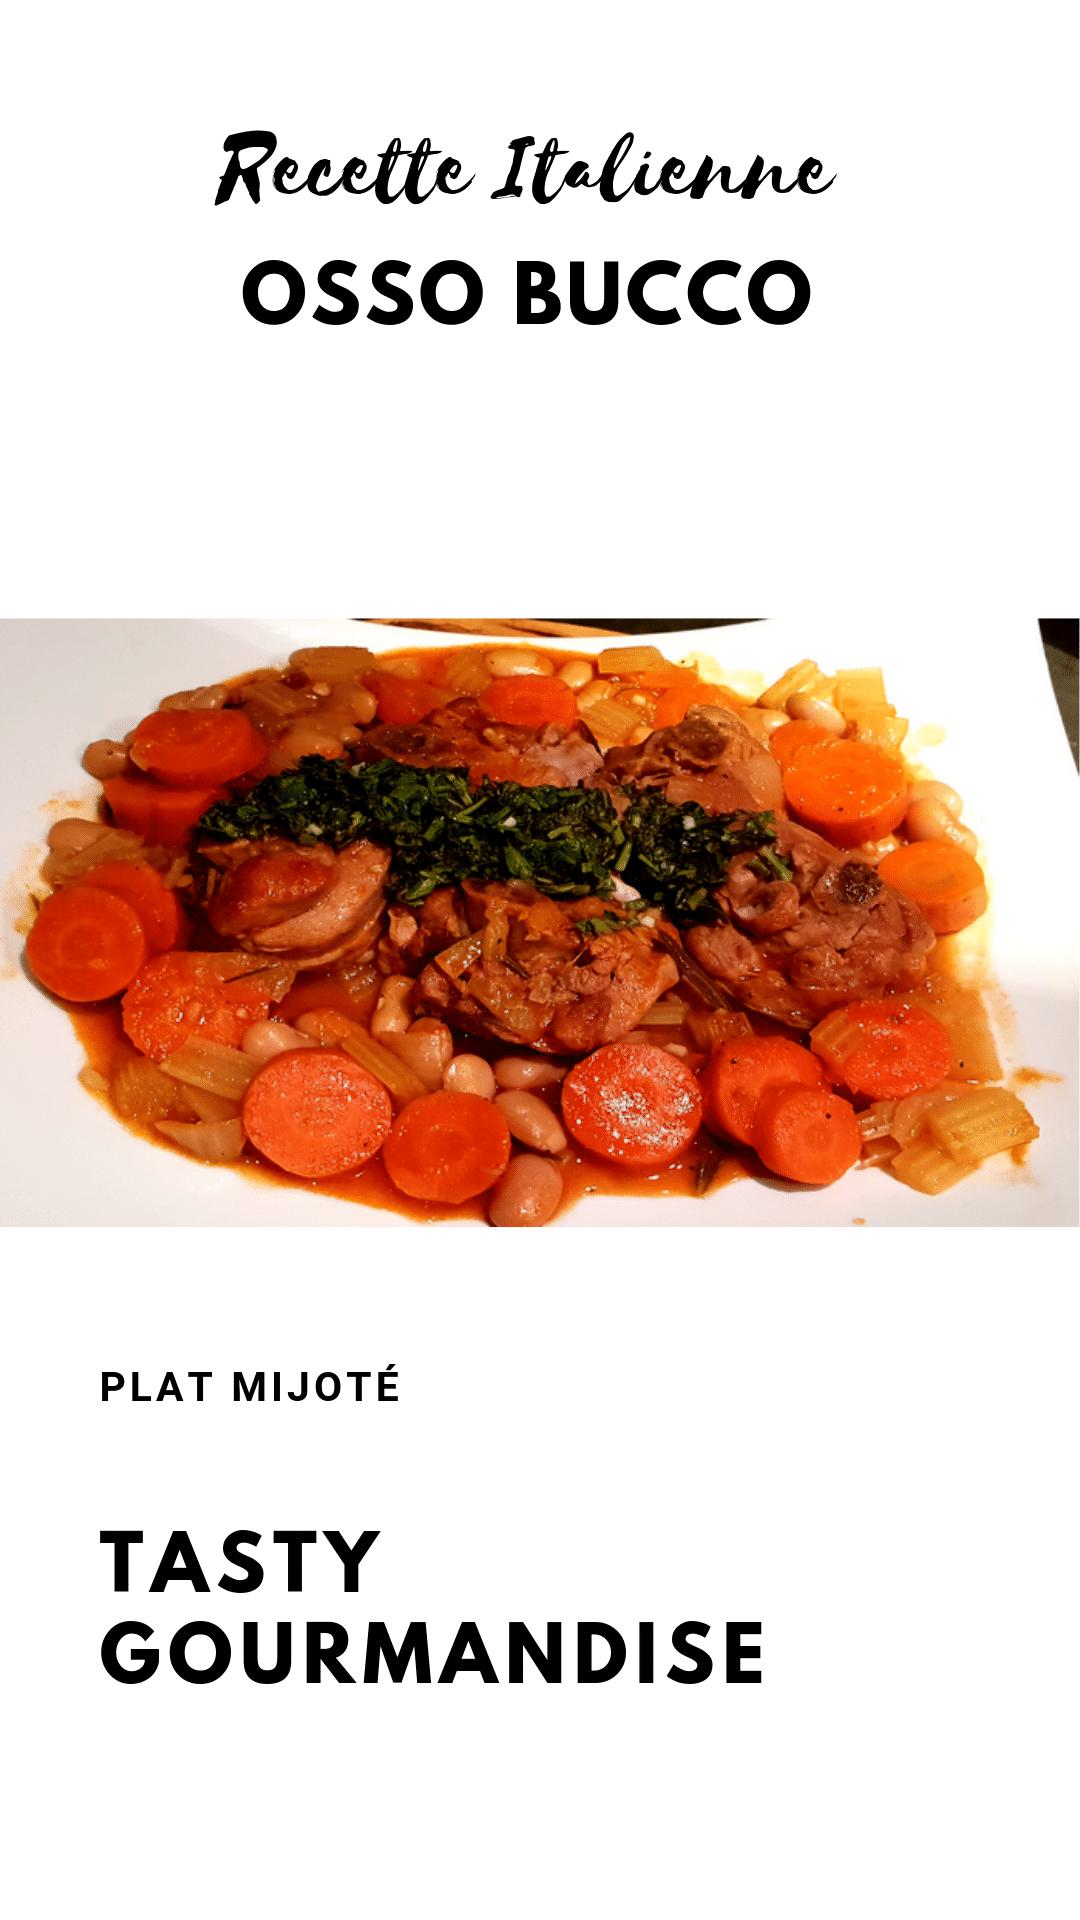 Voici une nouvelle recette d\'Osso buco italienne, traditionnellement connu comme un plat mijoté de jarrets de veau et un mélange de légumes, parfumé d\'un delicieuse marmelade à l\'italienne !